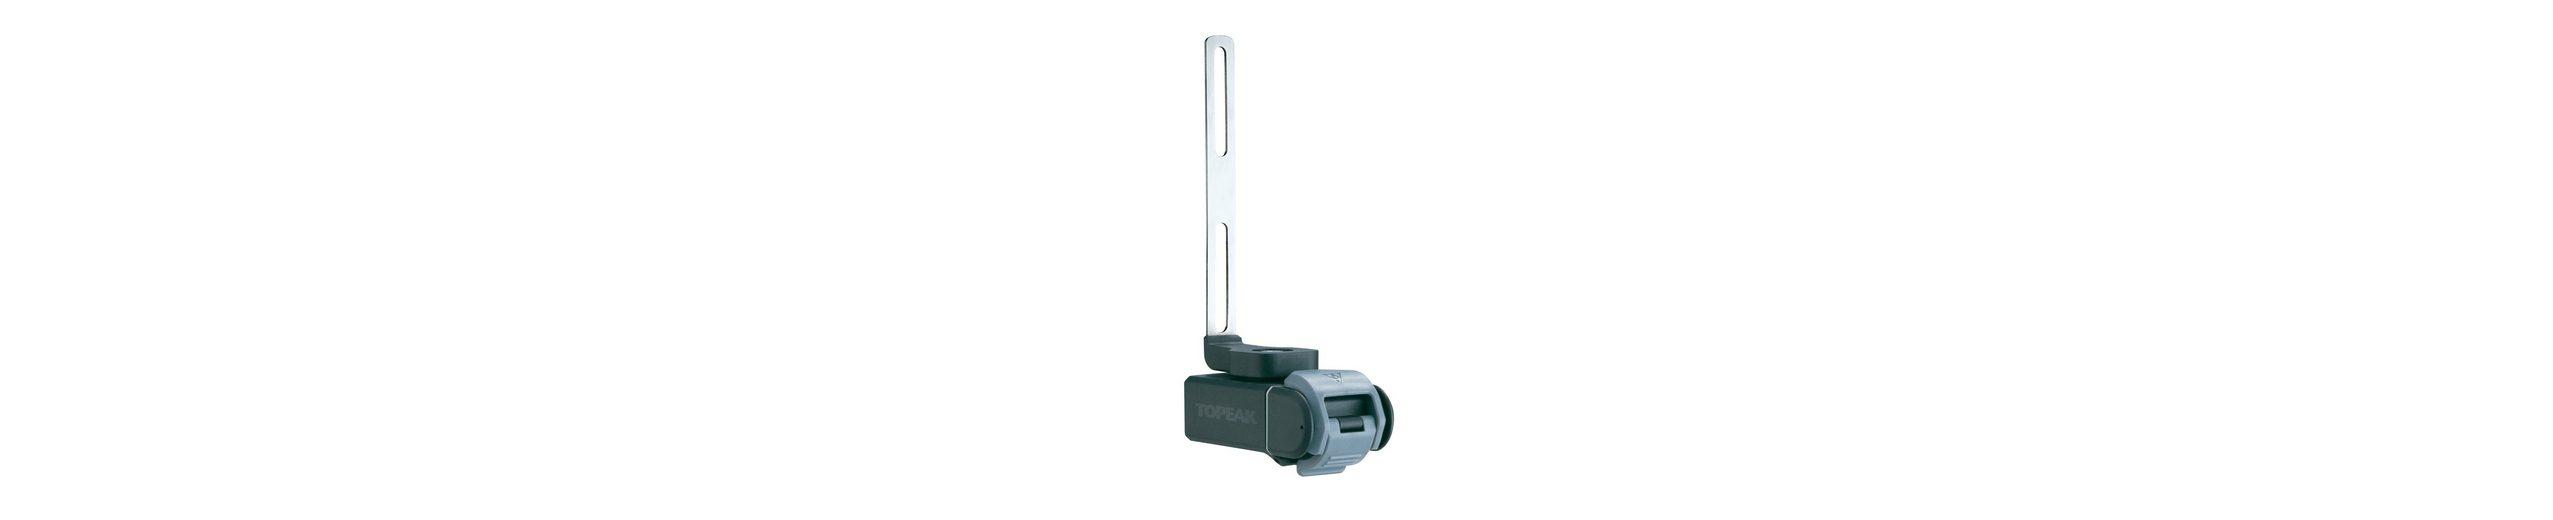 Topeak Werkzeug & Montage »Ninja T Road Miniwerkzeug«